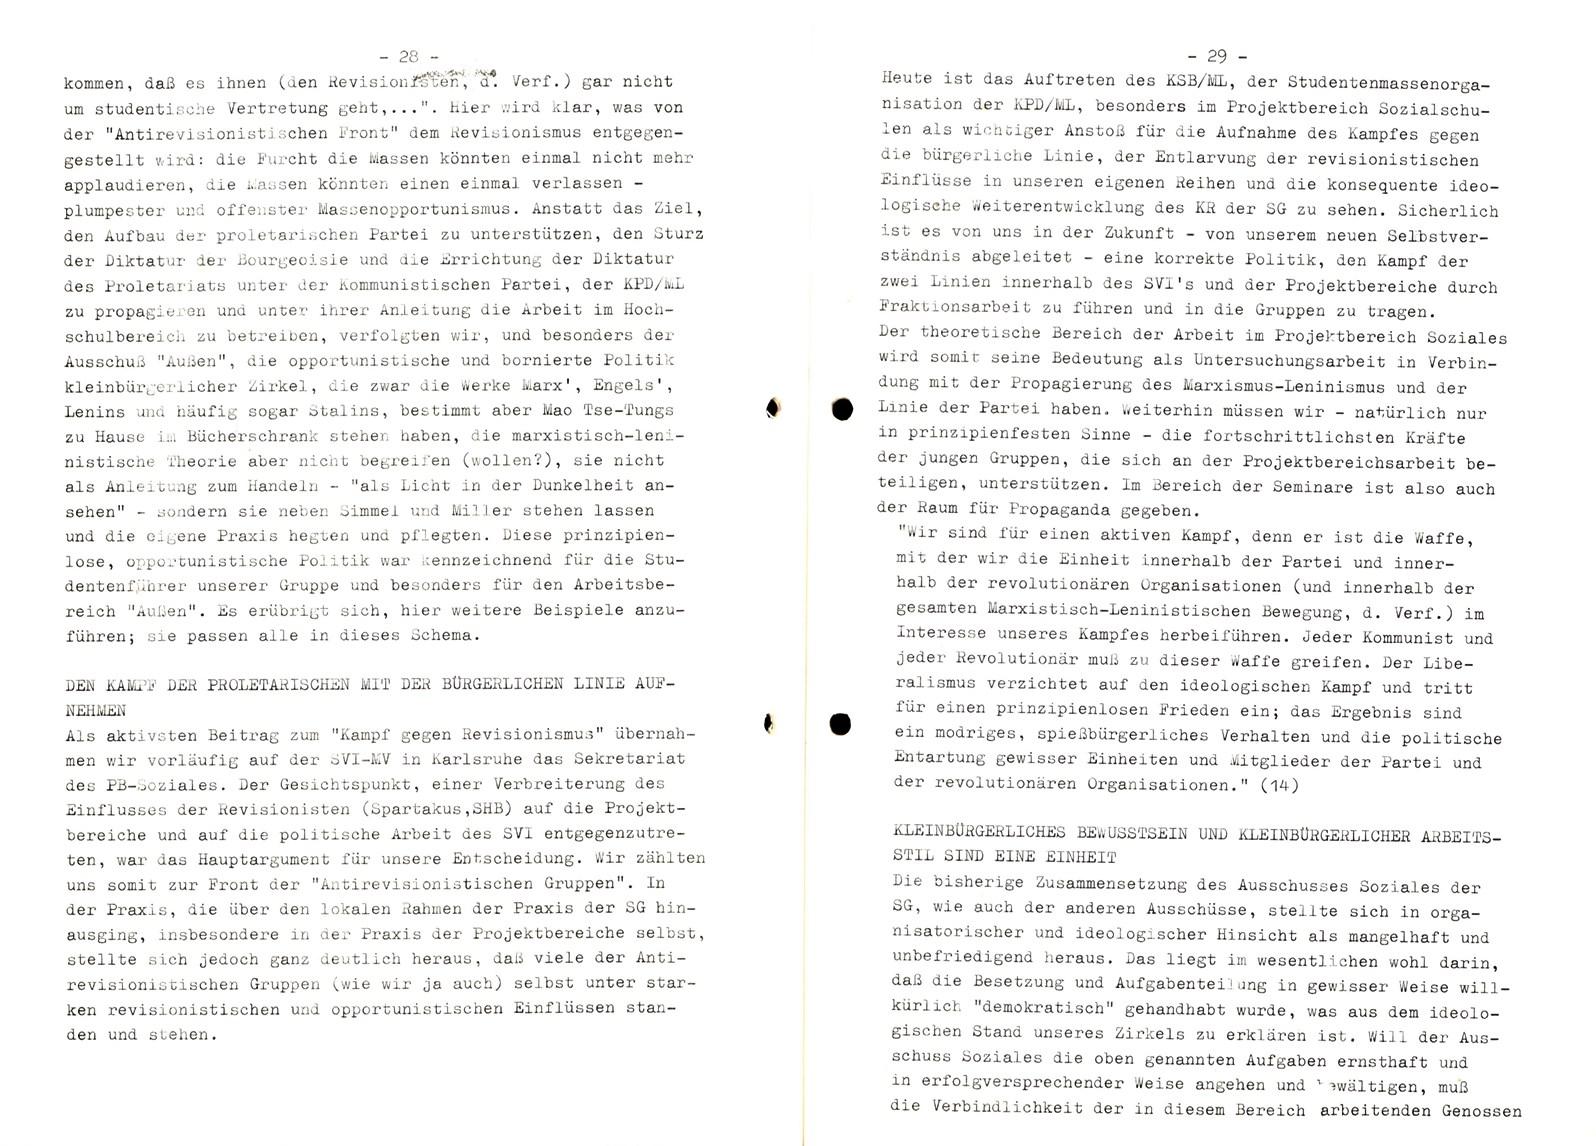 Aachen_KSBML_1971_Selbstkritik_16